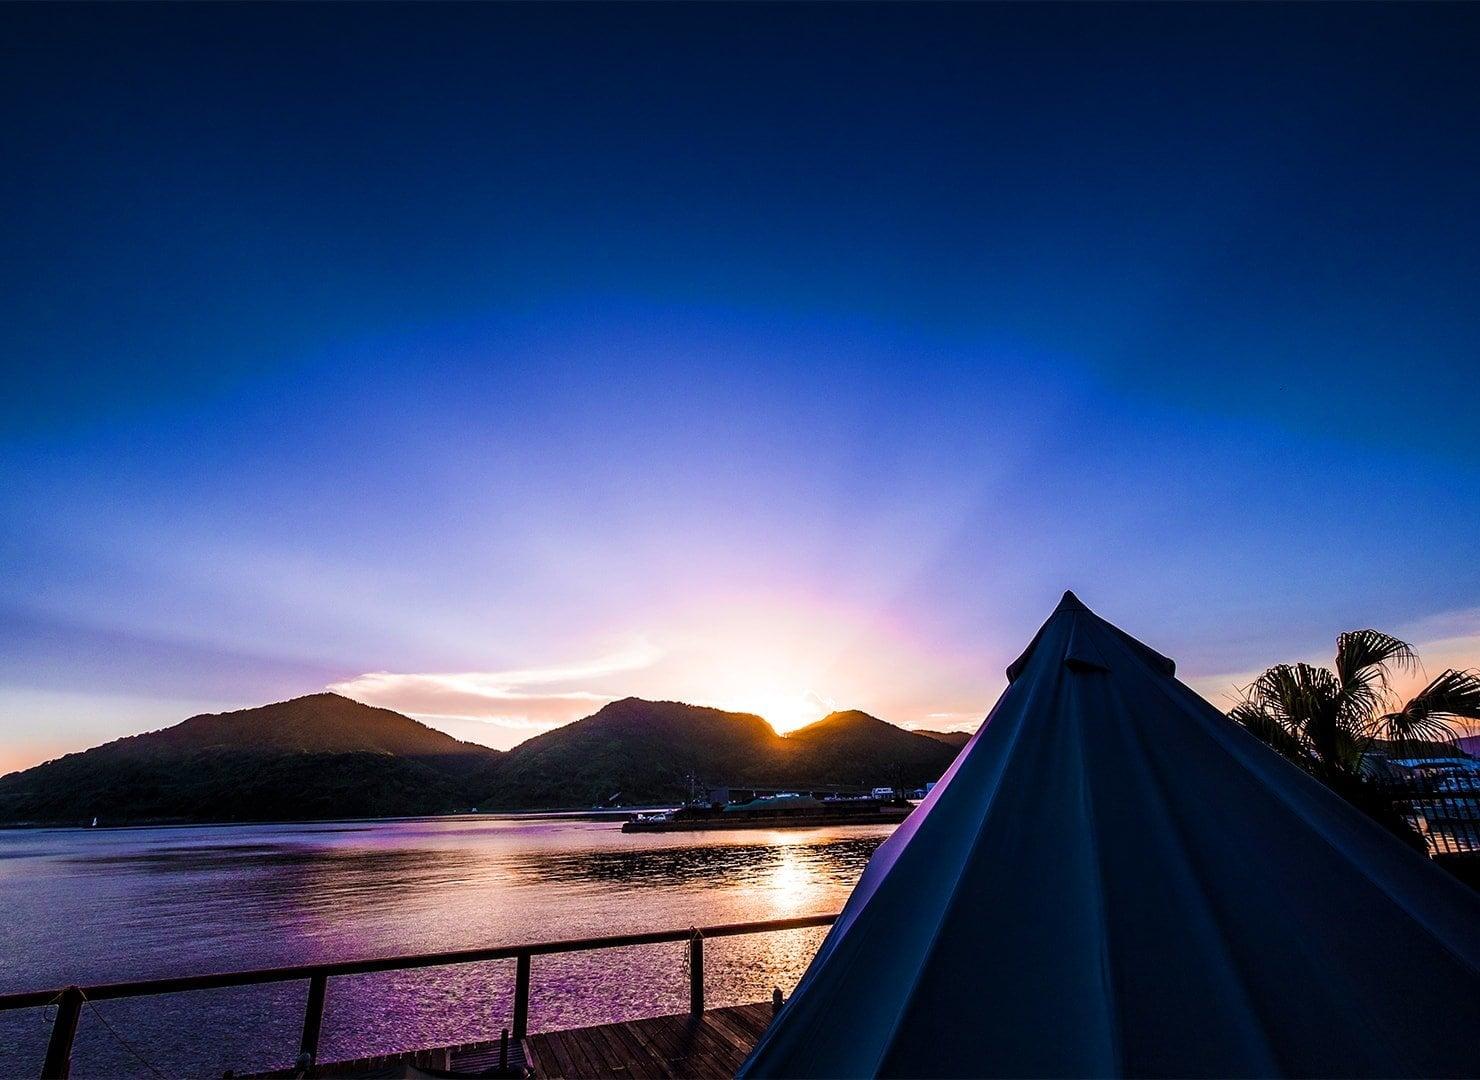 九州・宮崎唯一の本格グランピングテント